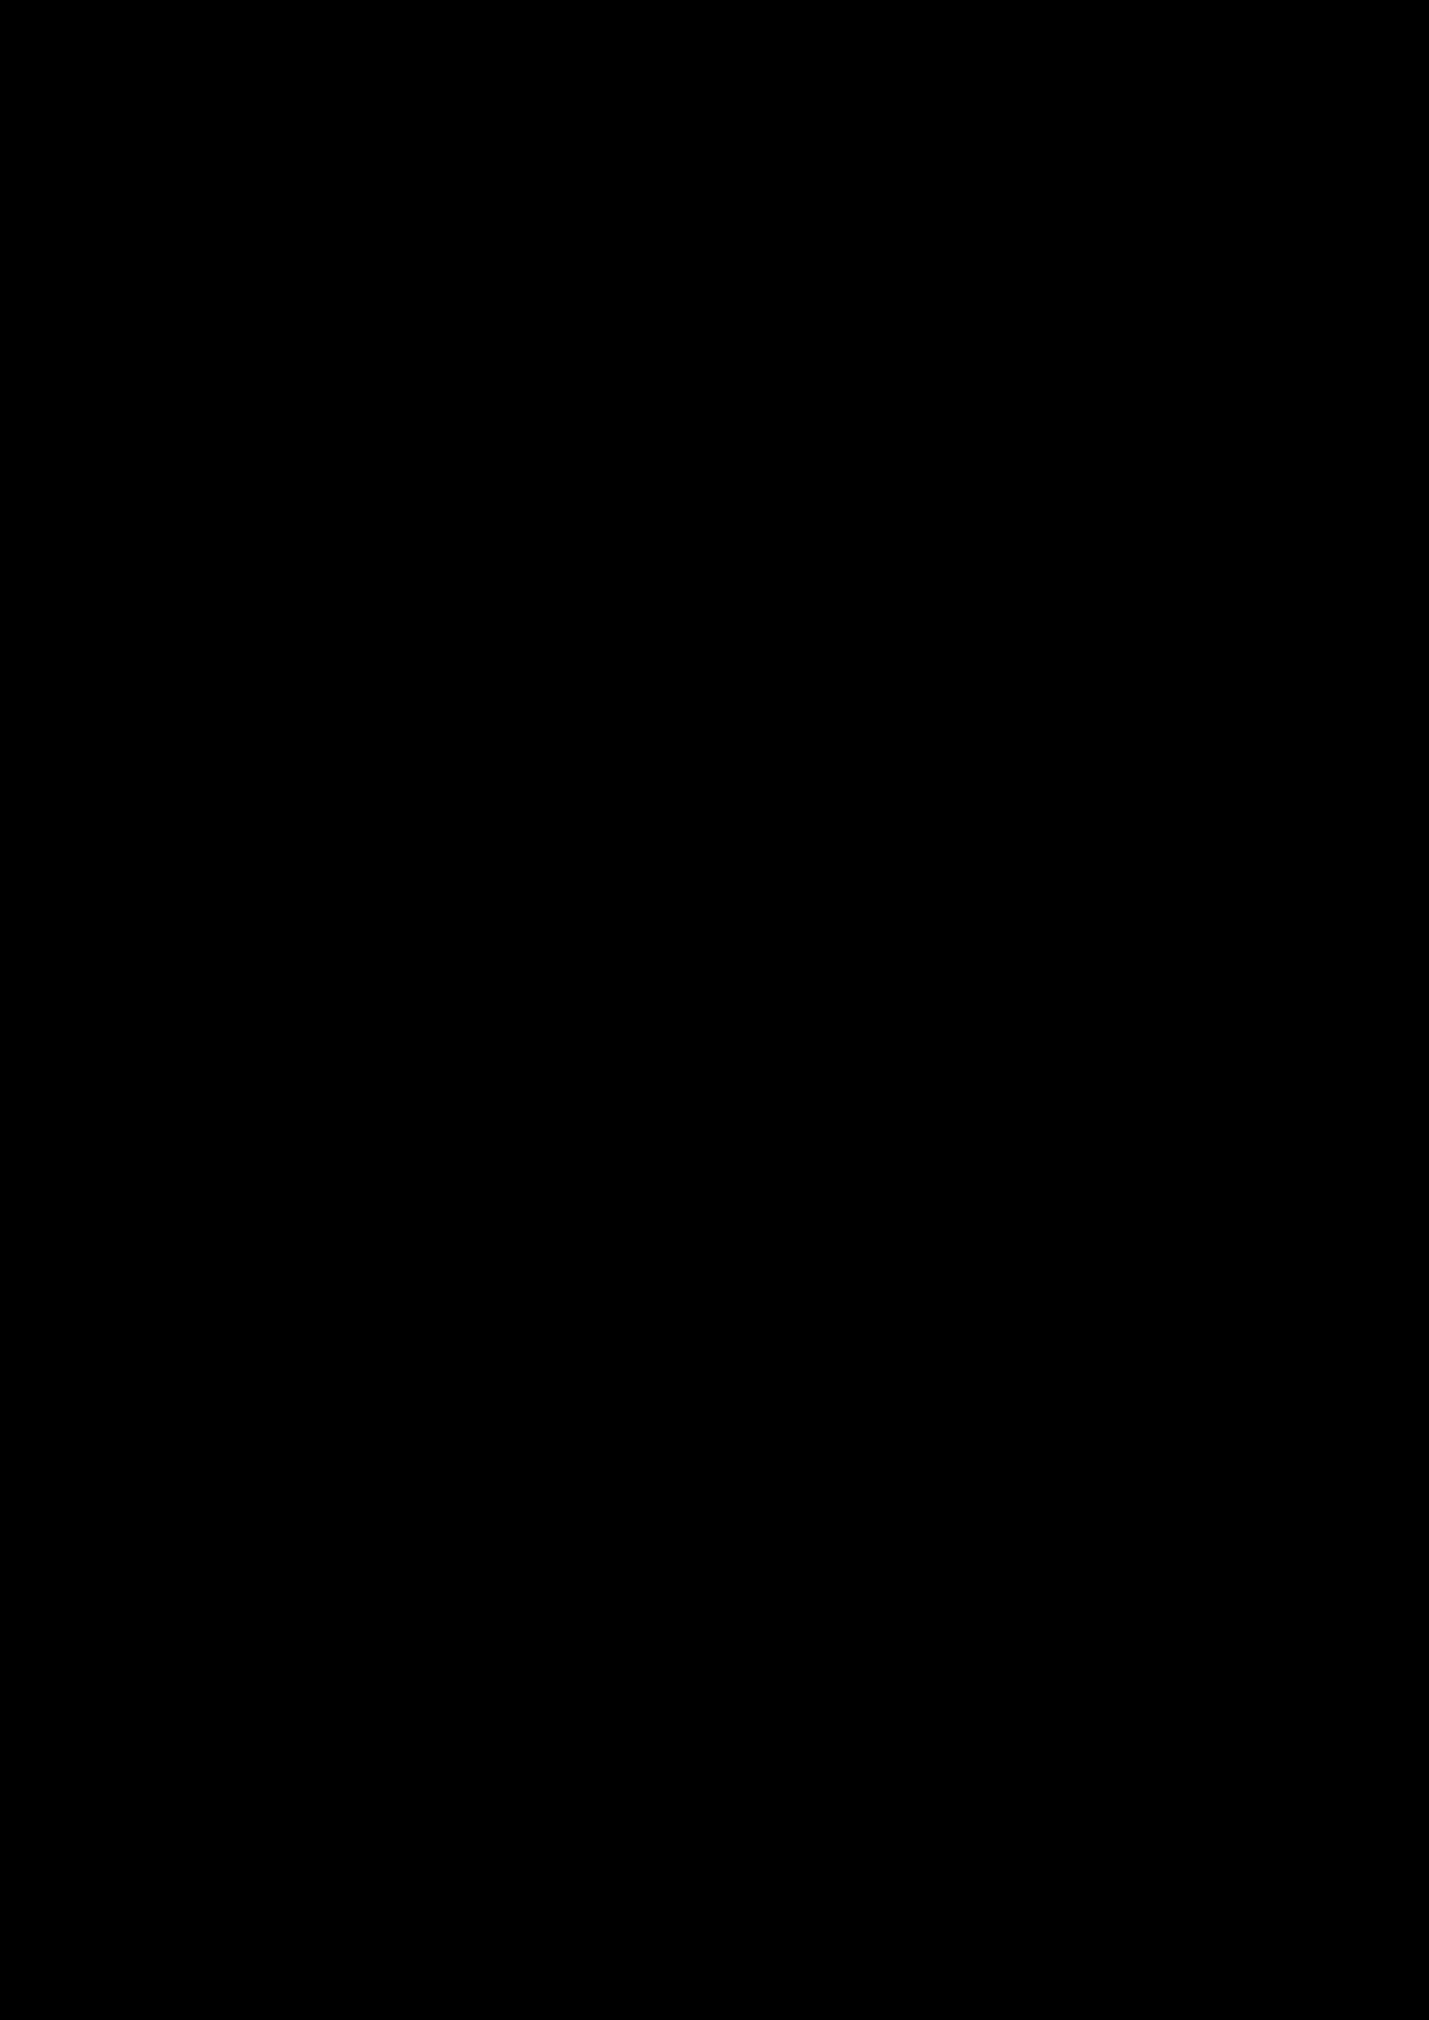 образные коды чисел 0 до 999 козаренко